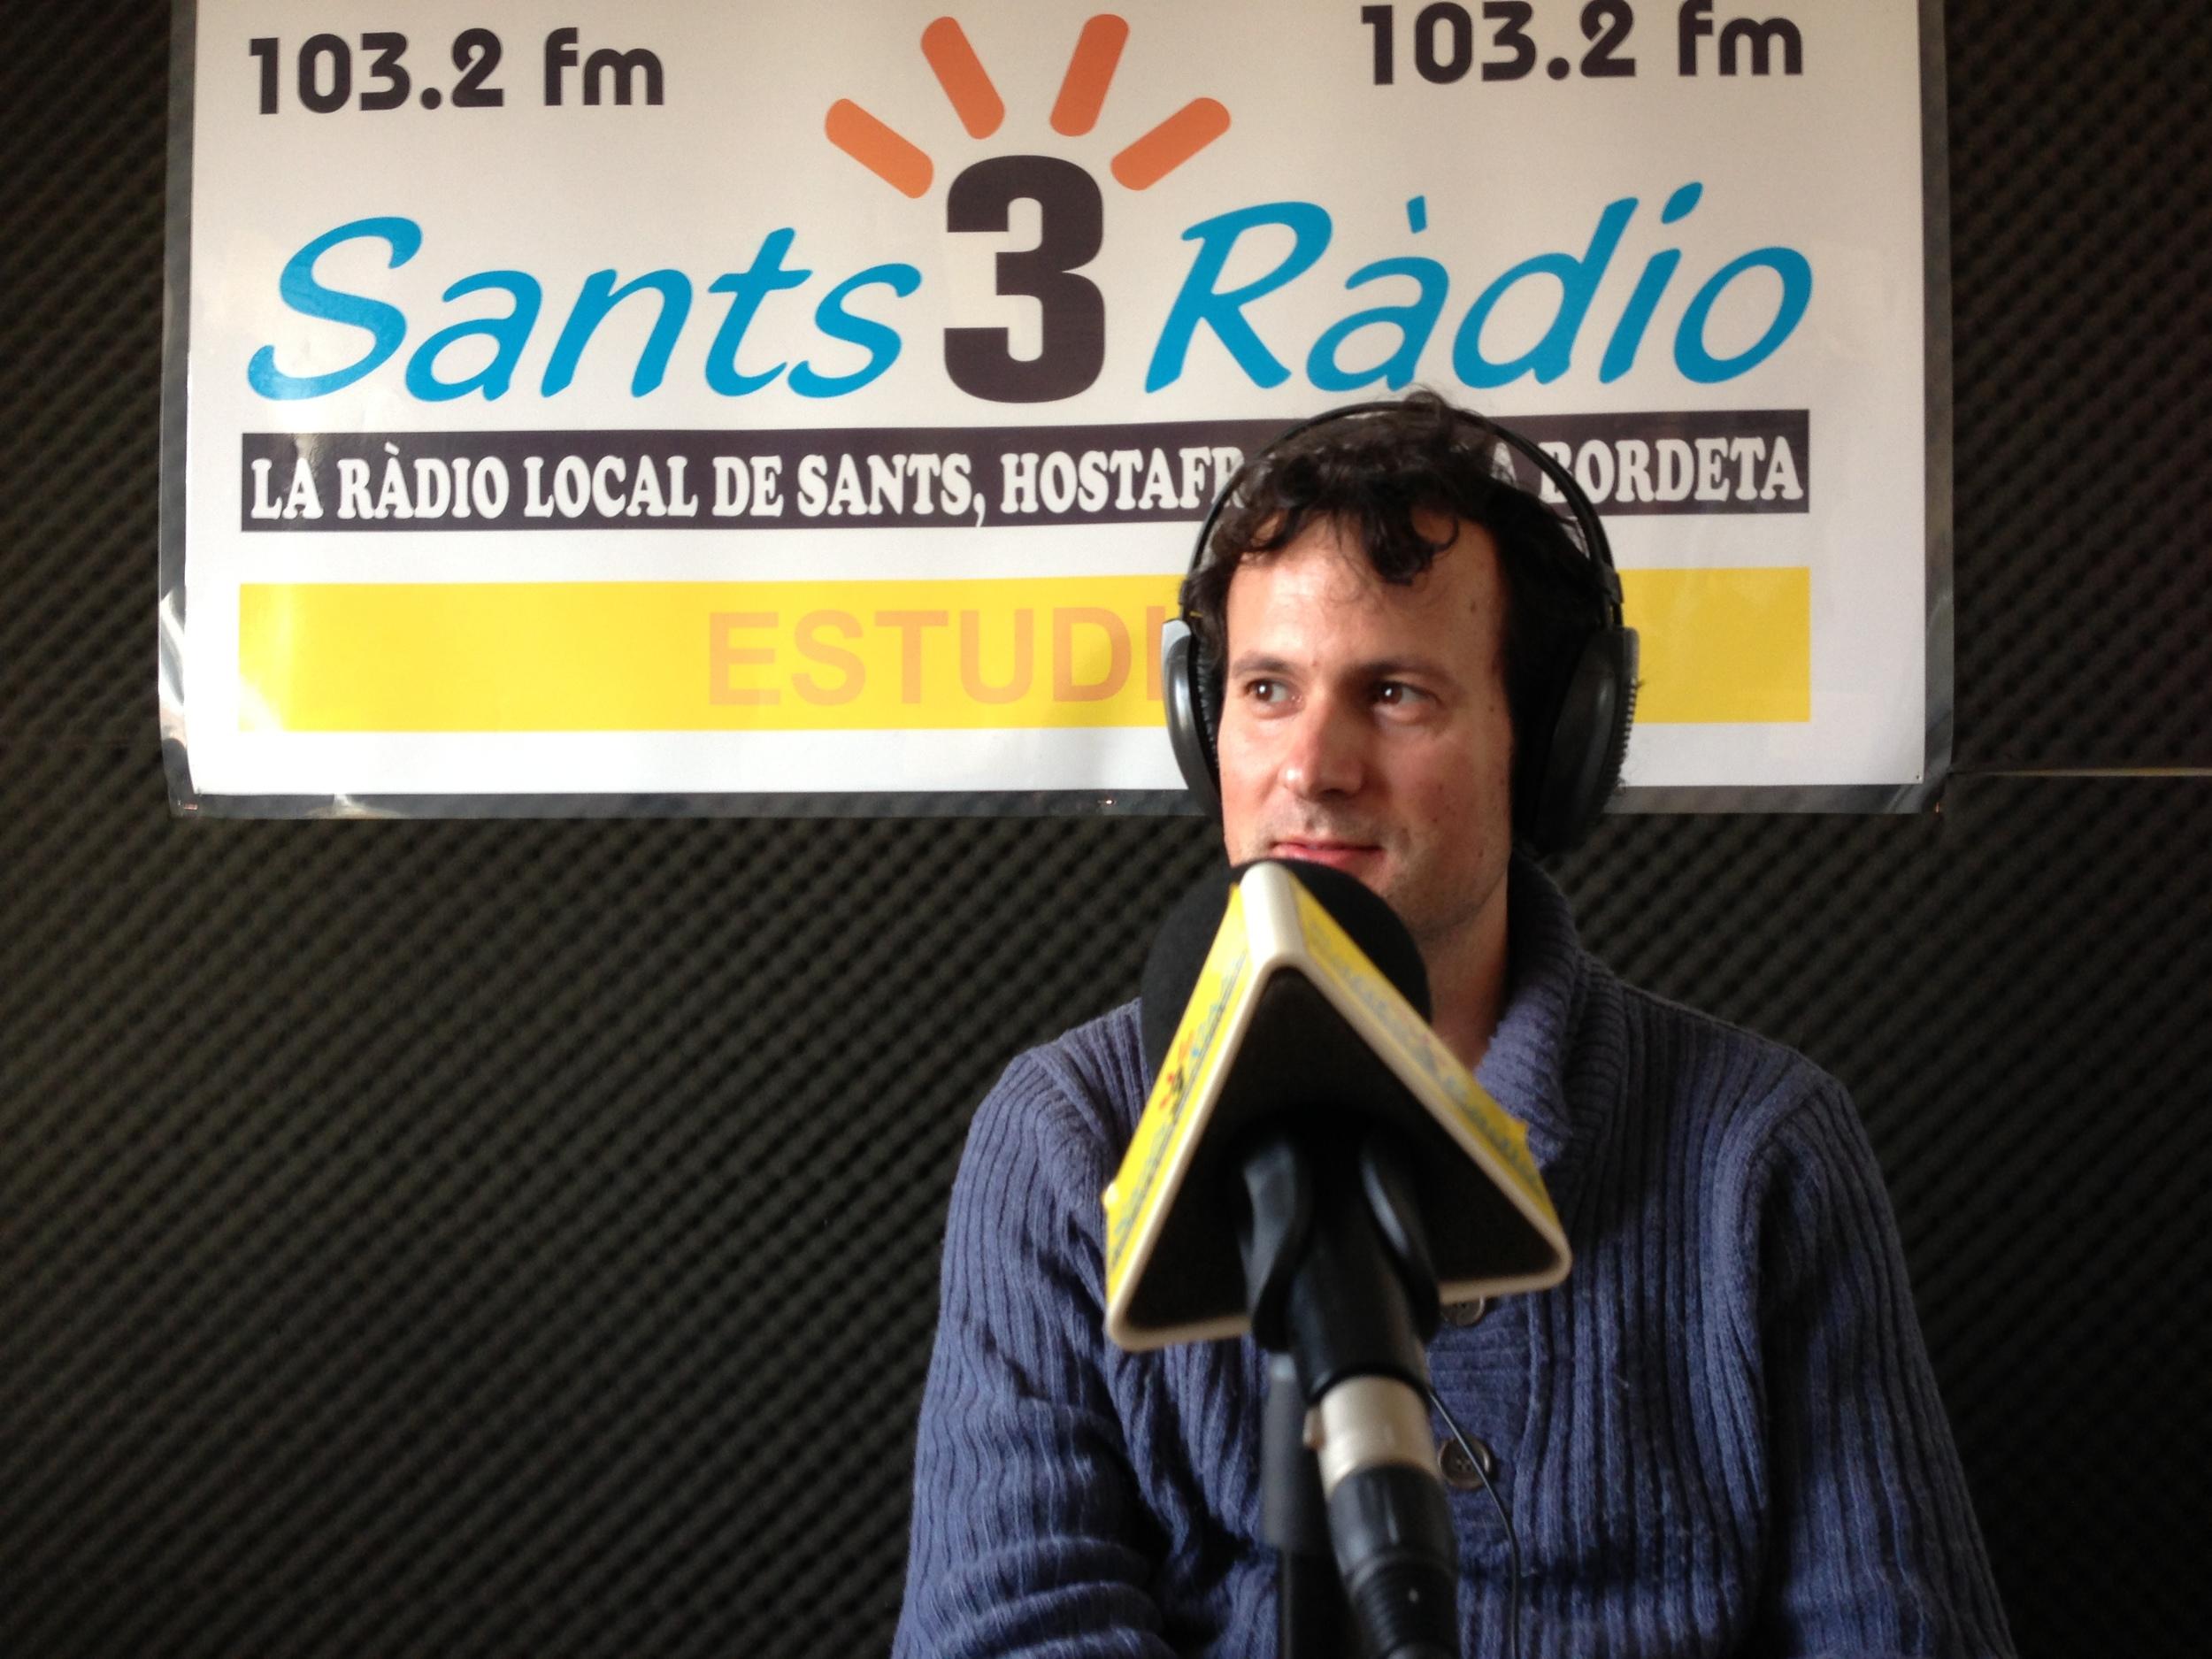 Sants3Radio1.jpg